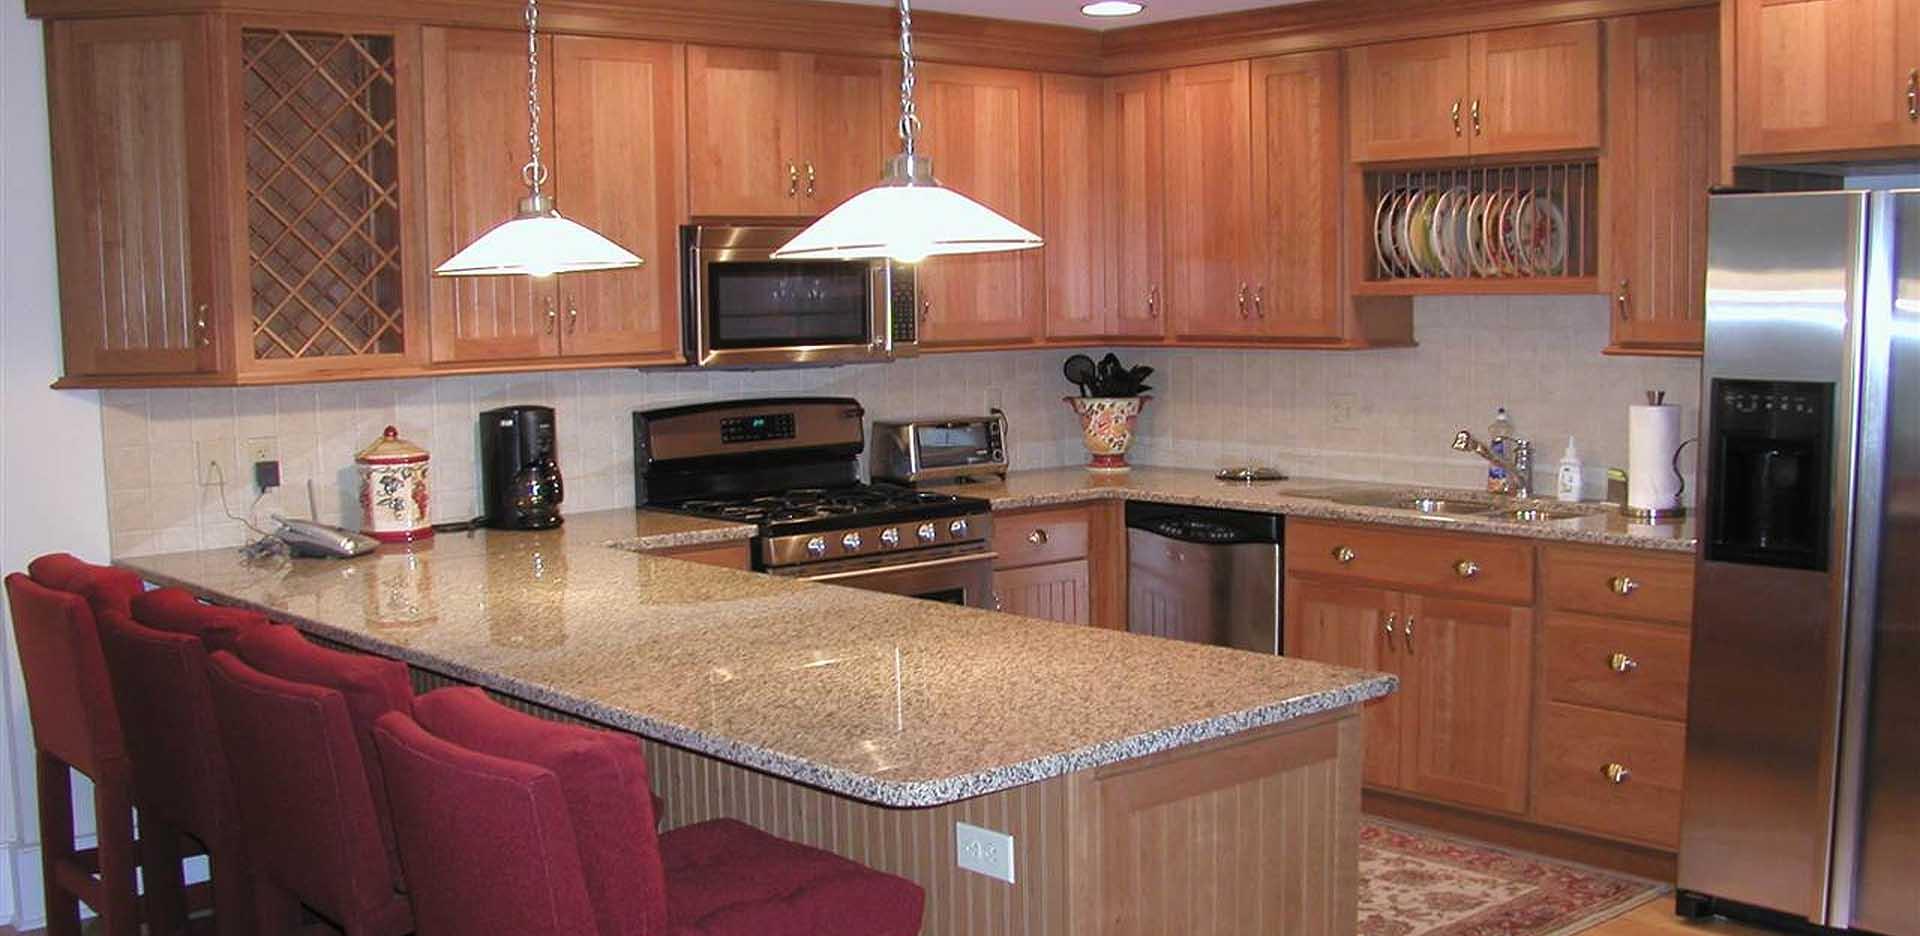 wildwood nj rentals wildwood crest rentals and wildwood real estate